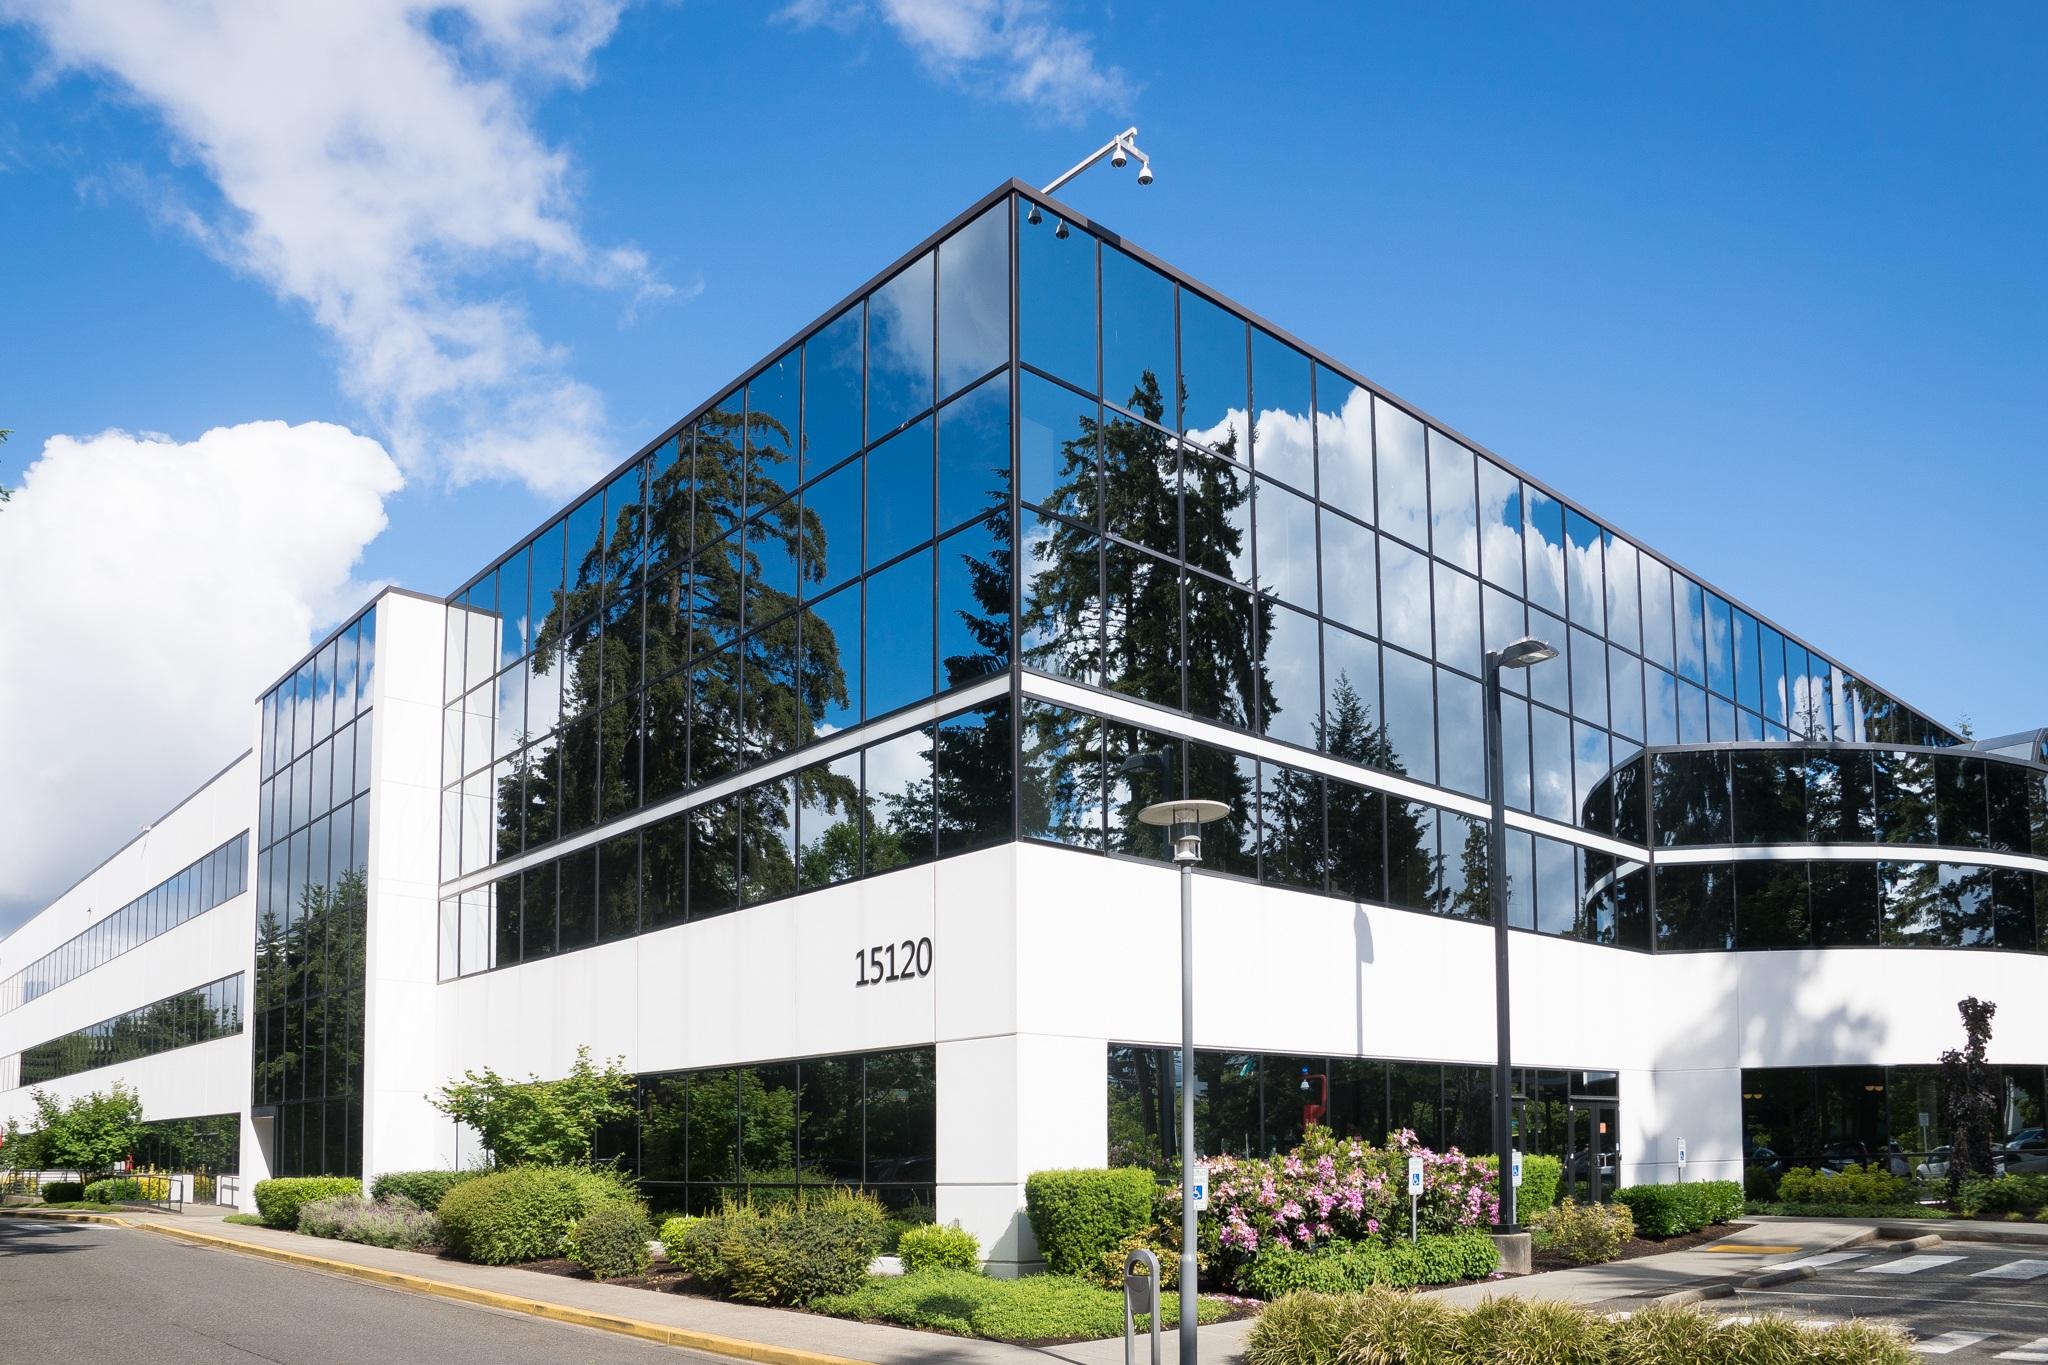 15120 architecture blue building